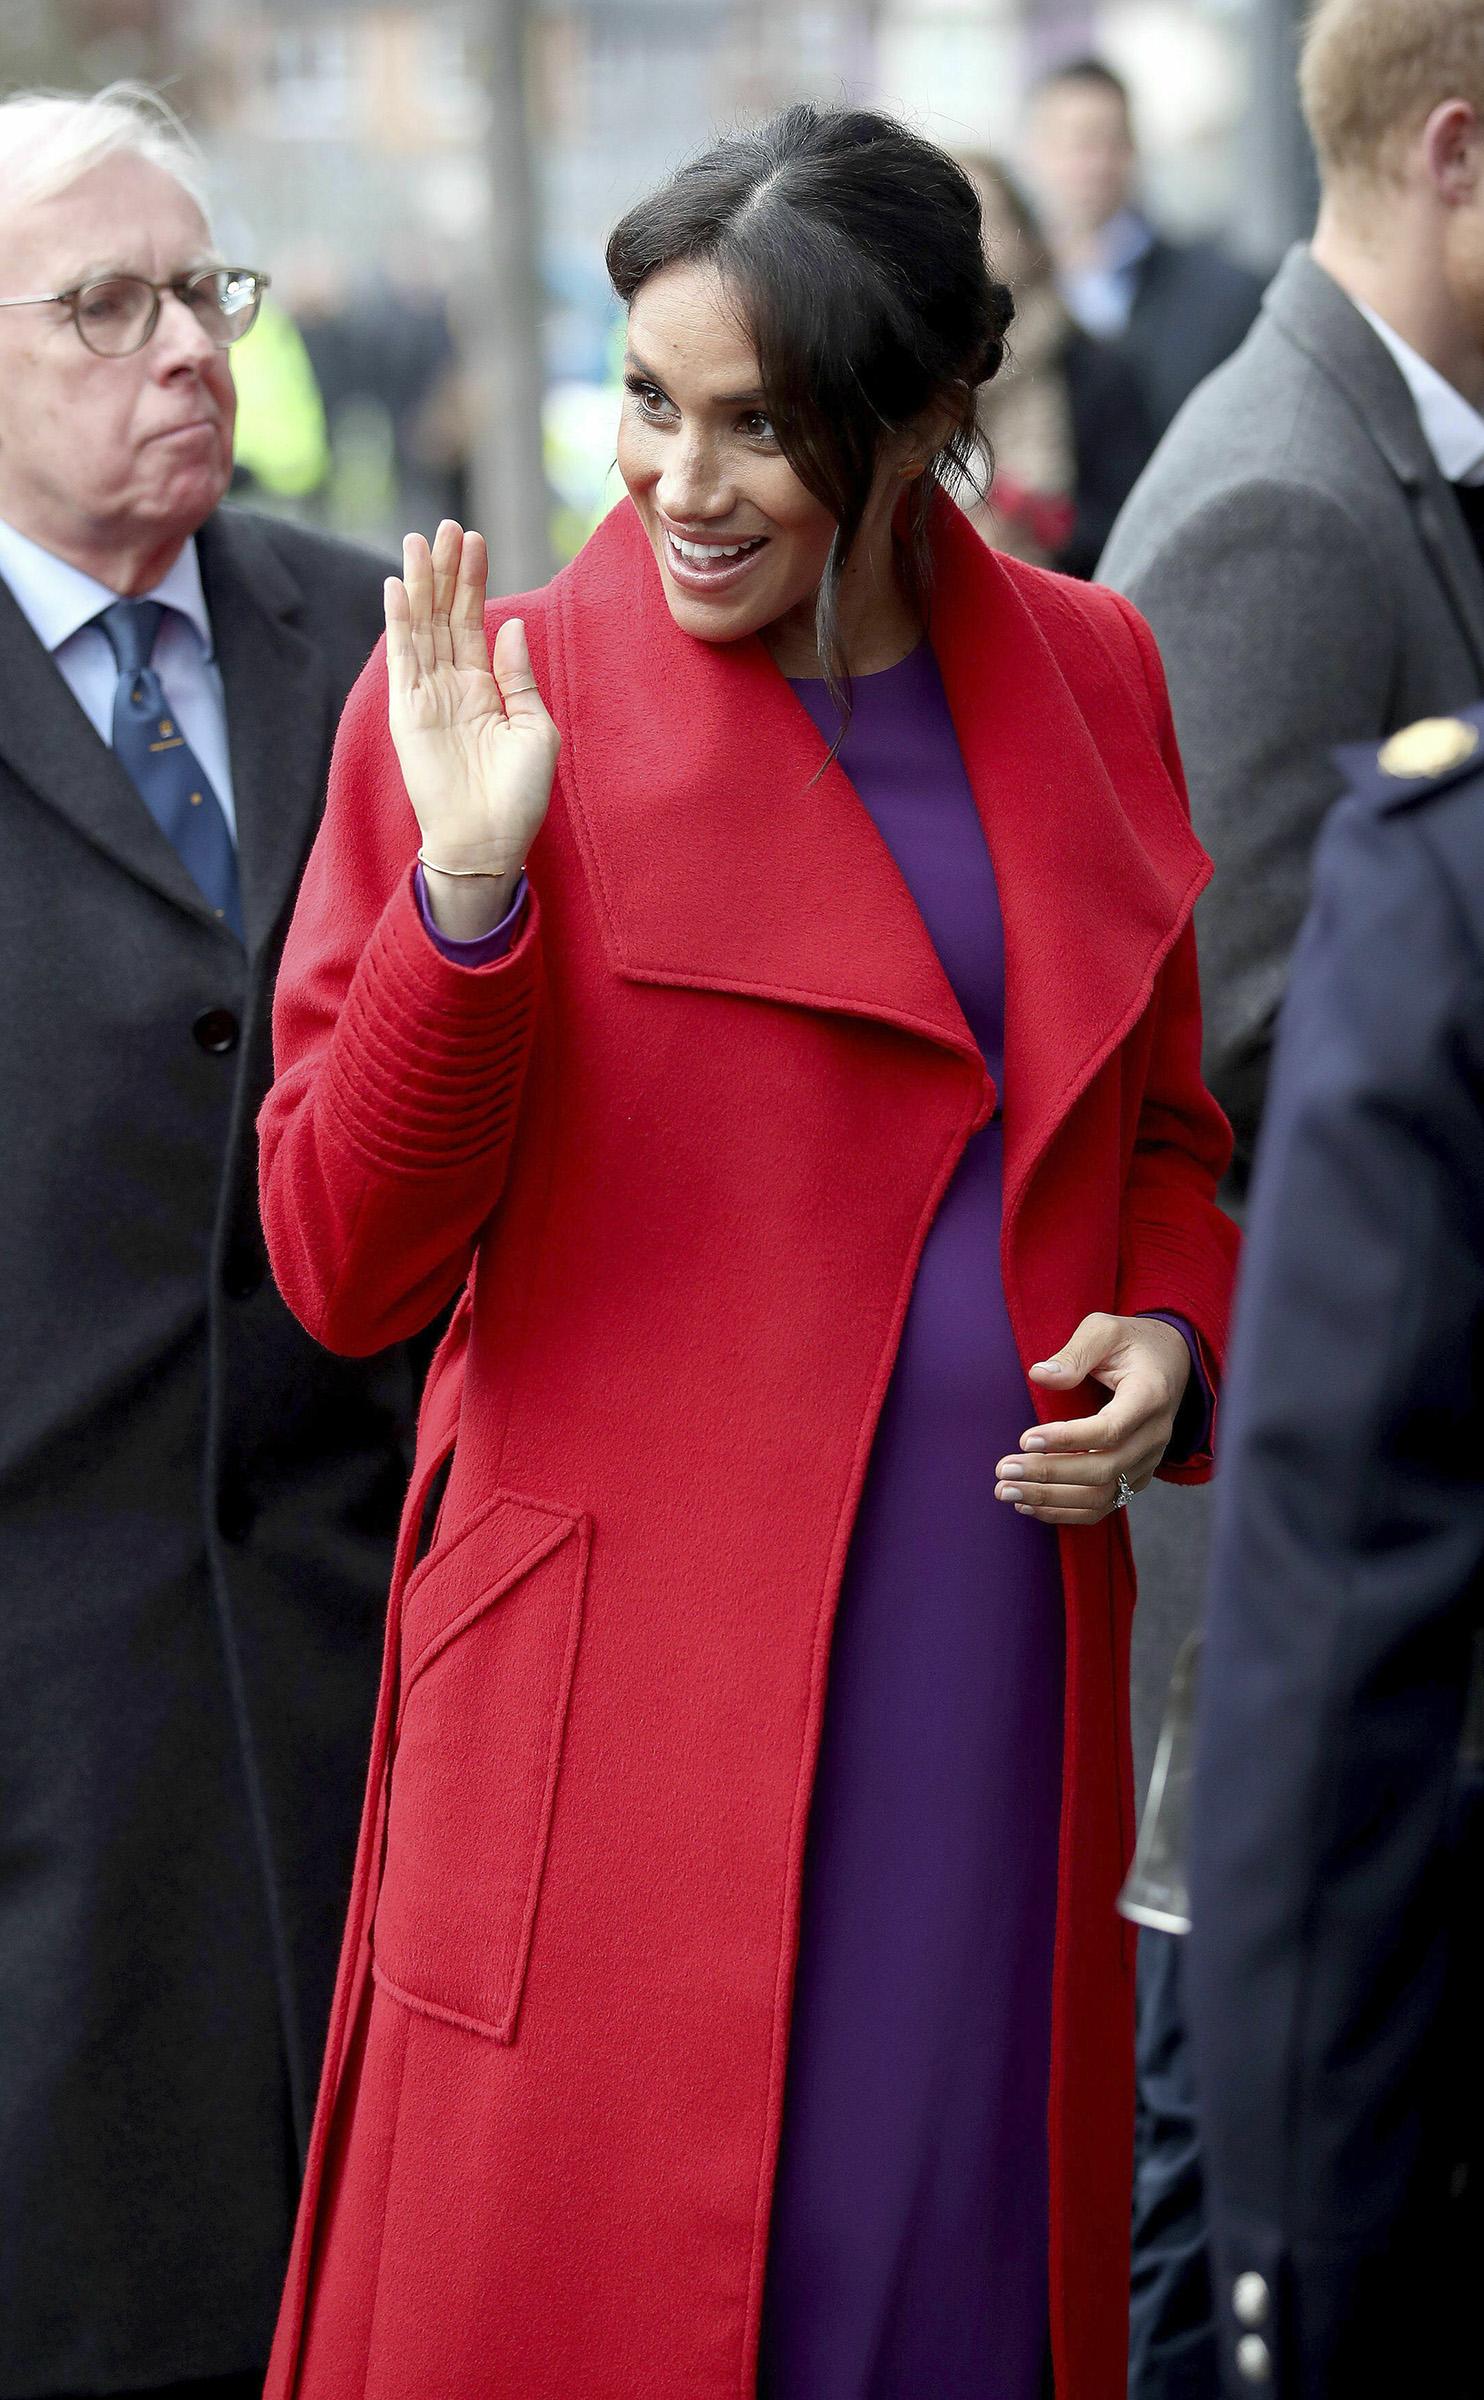 El 14 de enero durante una visita a entidades sin fines de lucro en Birkenhead, Reino Unido, lució un conjunto que combinaba los colores rojo y morado hizo que muchos recordaran que esa era una de las favoritas de su suegra, la fenecida princesa Diana. (Archivo)